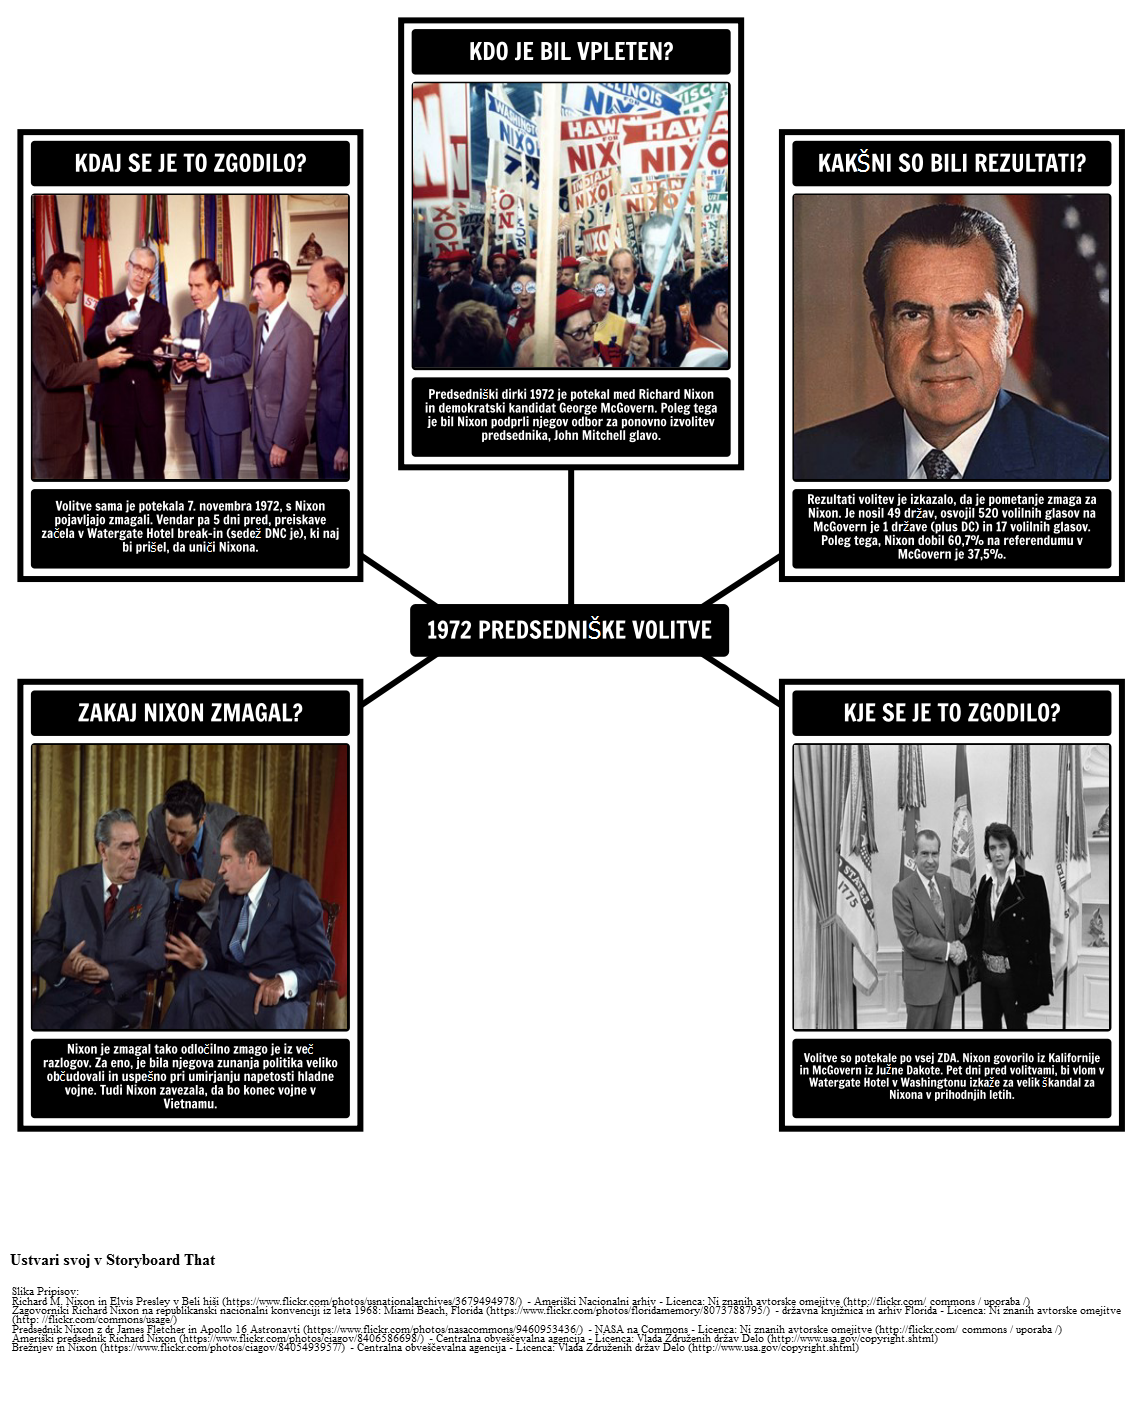 Predsedstvo Richard Nixon - 5 WS iz leta 1972 volitve